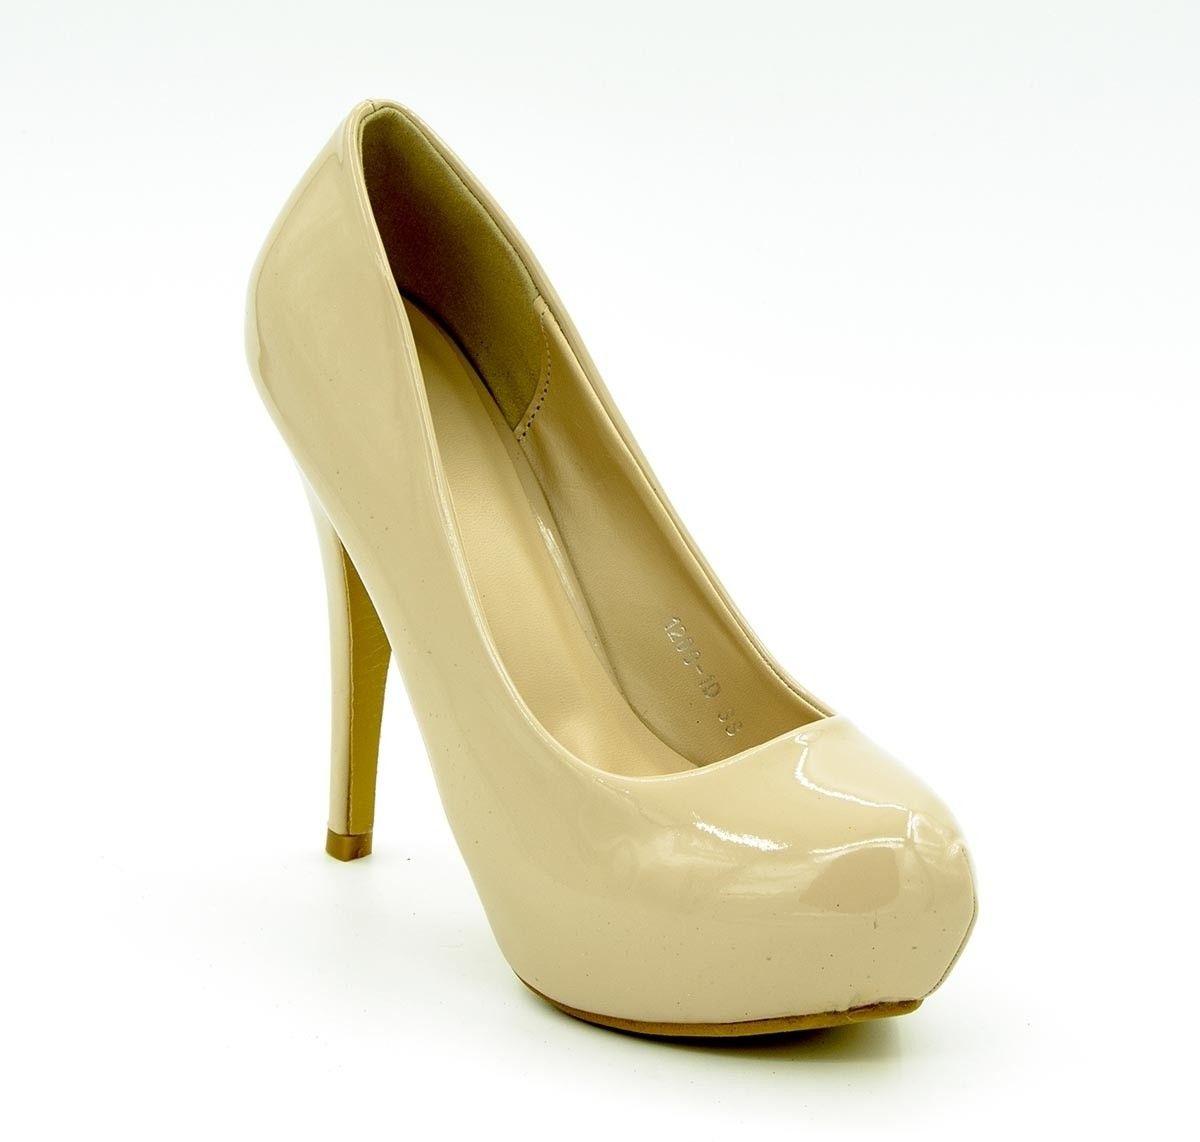 b8d6161ee87f Belle Gambe Heels - Buy Beige Color Belle Gambe Heels Online at Best Price  - Shop Online for Footwears in India